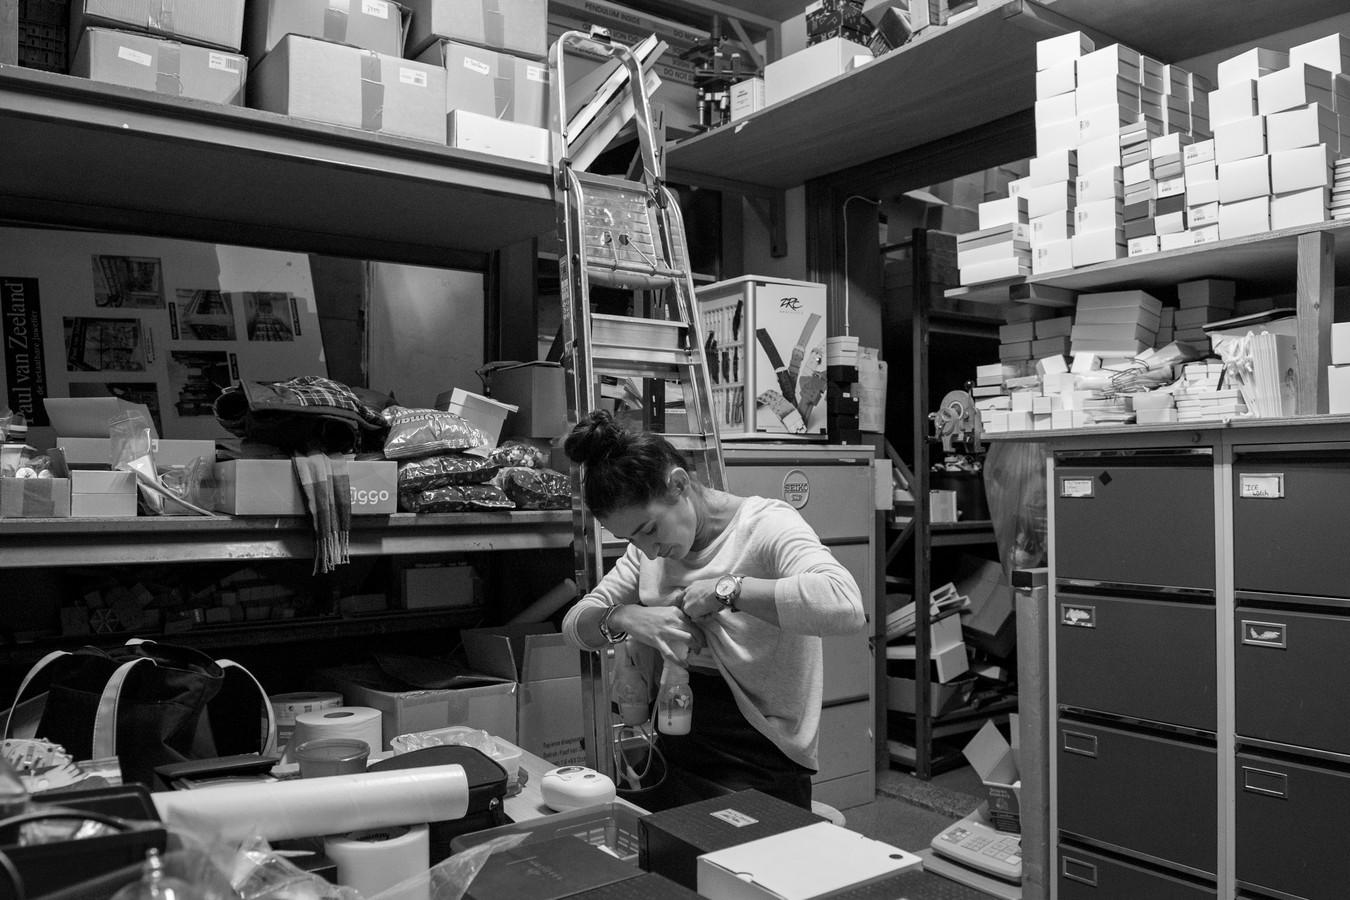 Paulien, juwelier in Velp. Paulien kolft in het magazijn van een juwelier. Er komen wel af en toe collega's naar binnen om spullen te pakken, maar dat vindt ze geen probleem. Haar baas heeft zelf ook gekolfd en vindt het prima dat Paulien langer dan 9 maanden wil kolven.